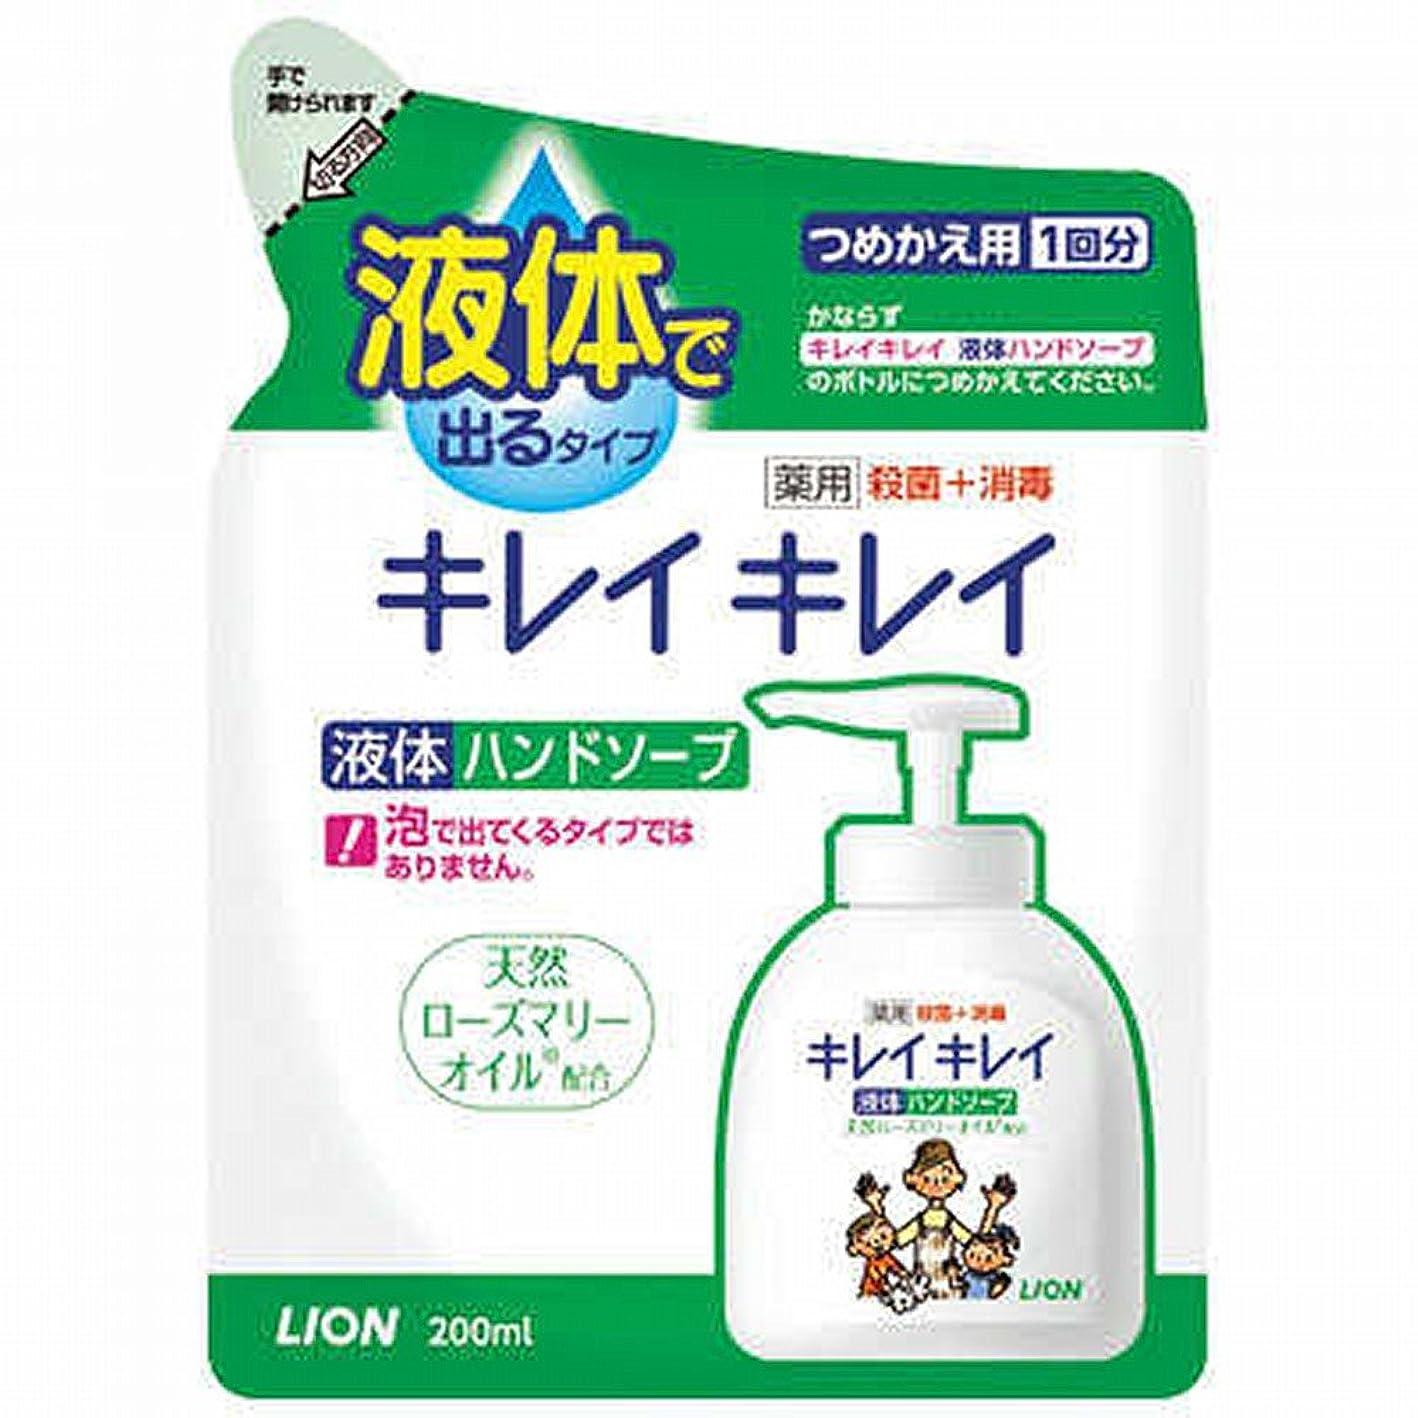 健康先に影響キレイキレイ 薬用液体ハンドソープ 詰め替え用 200ml×3セット